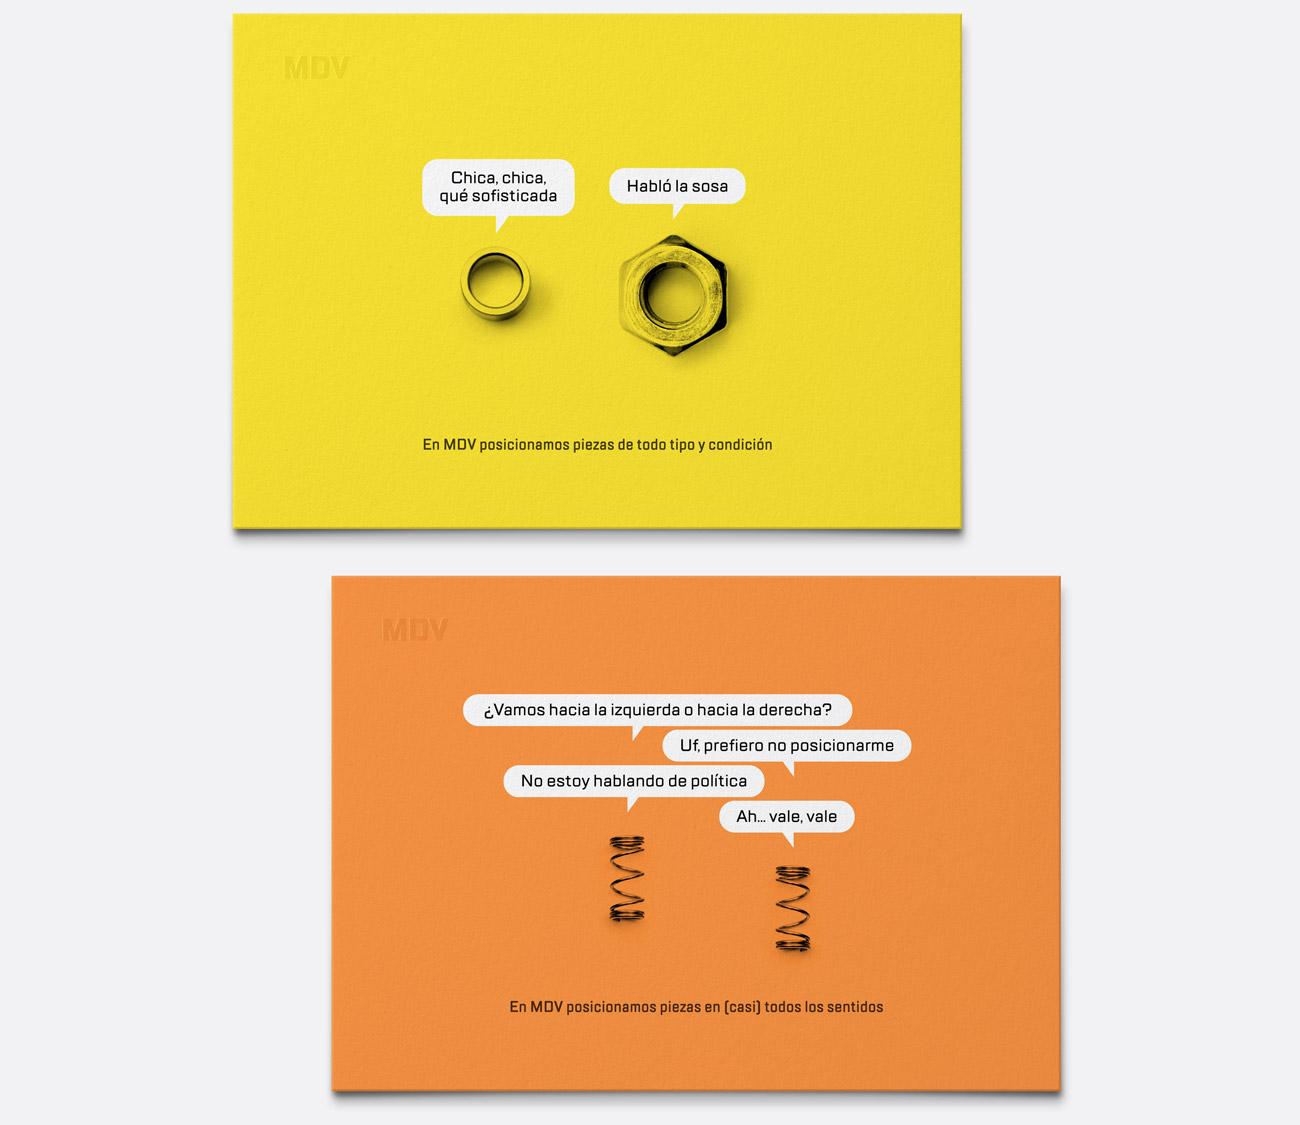 Presentación de campaña para MDV de impresiones de creatividad piezas parlantes versión tarjetas amarilla y naranja